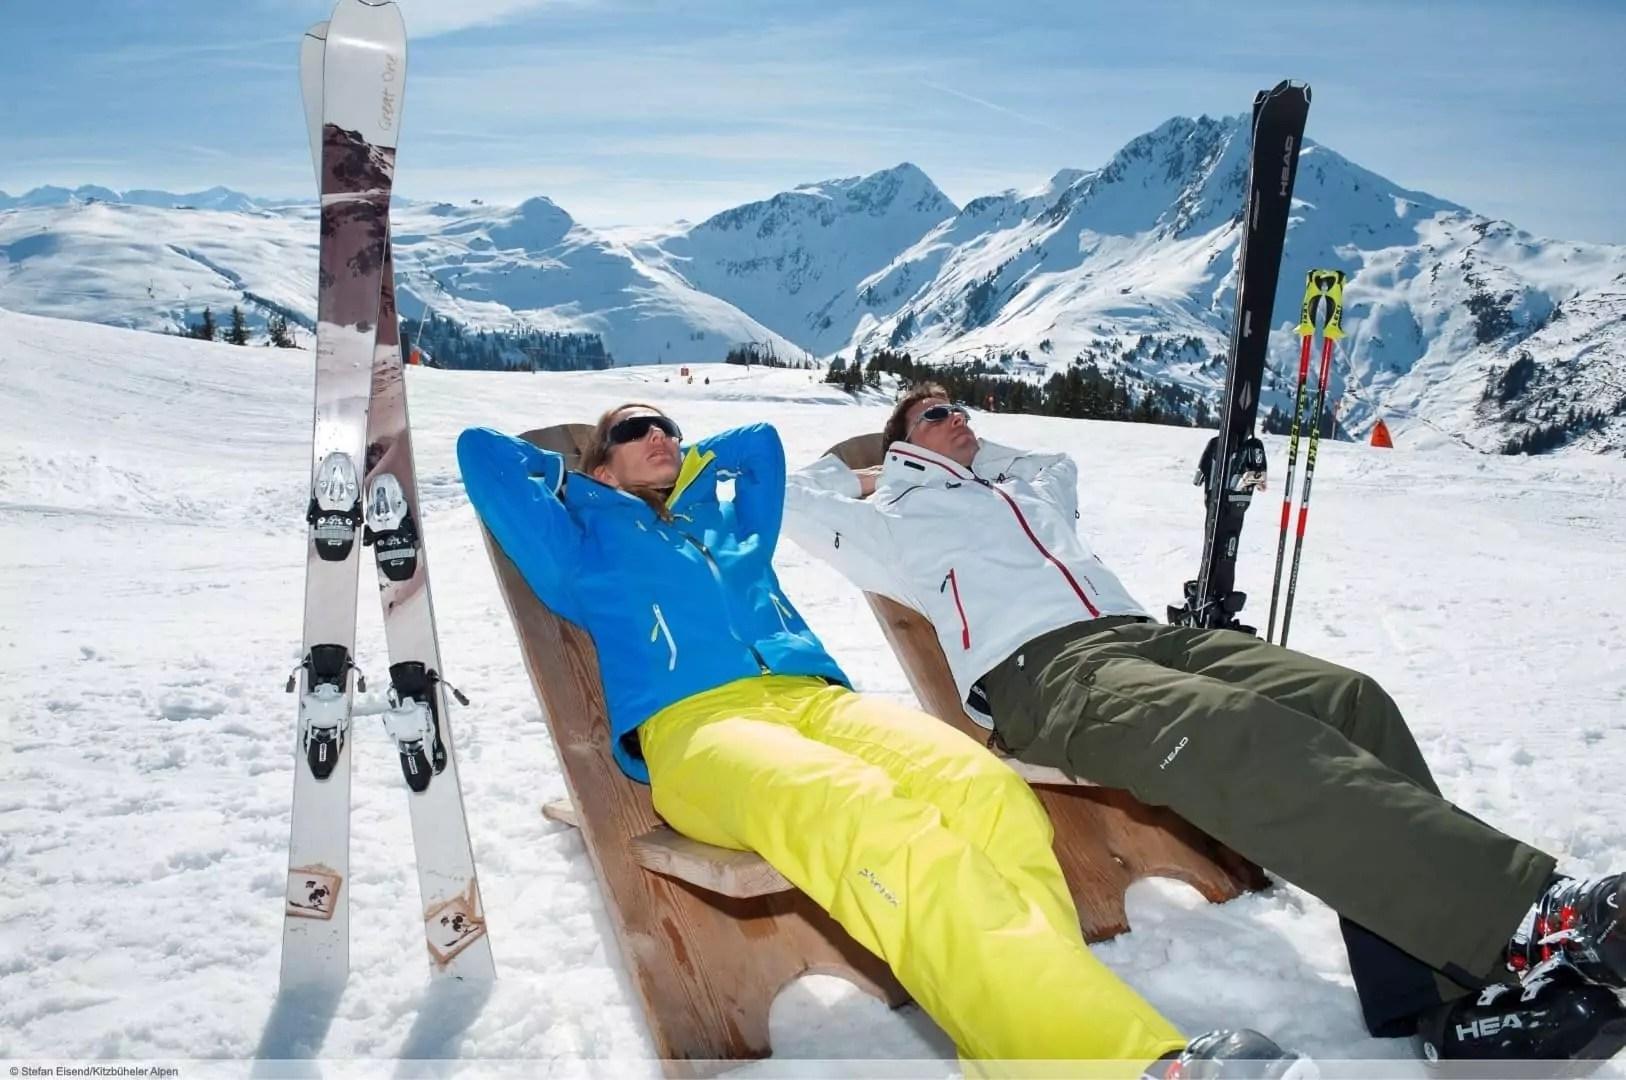 après-ski in Kirchberg